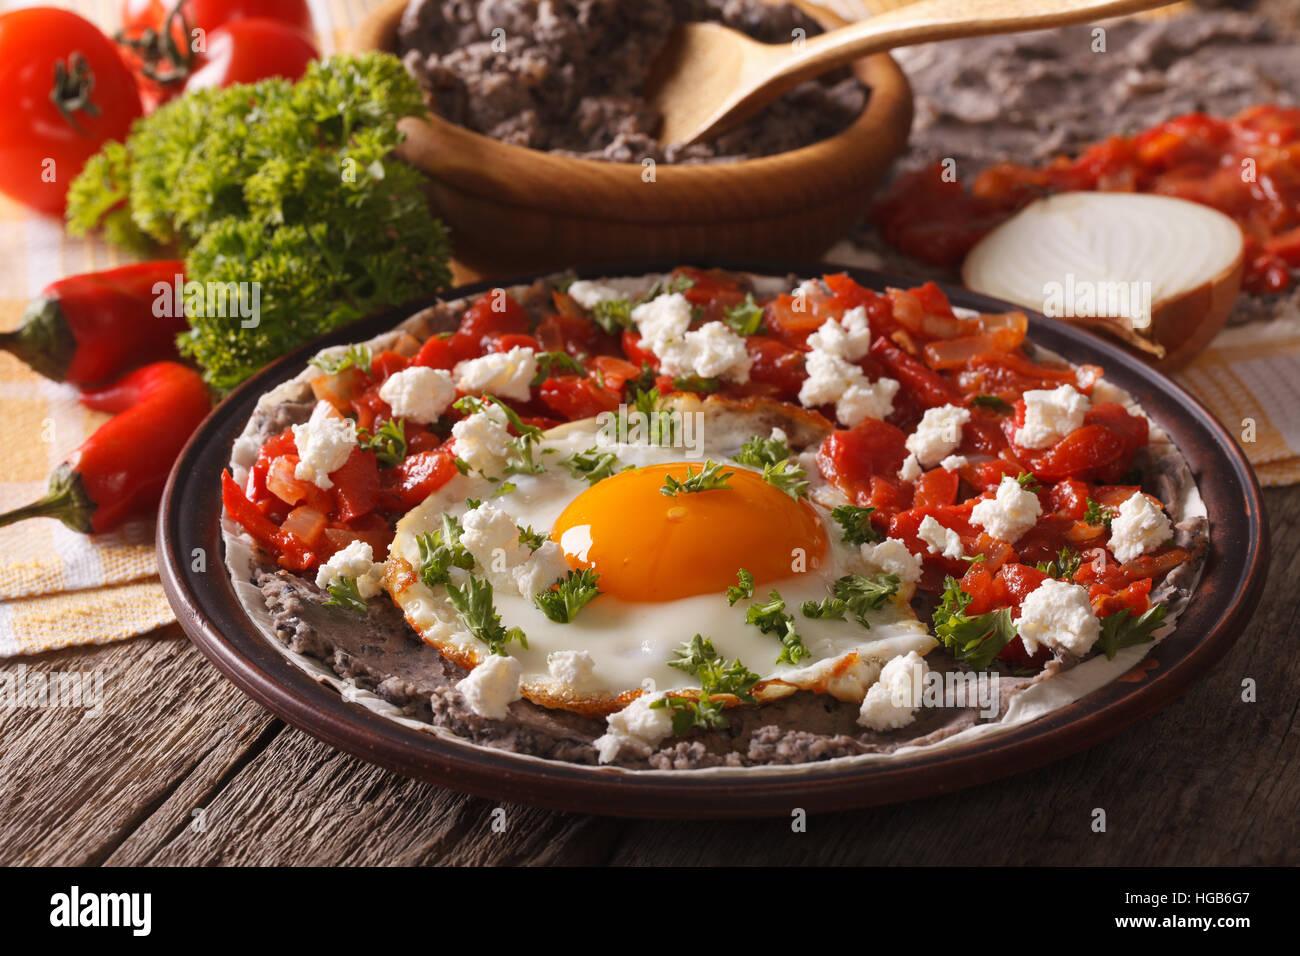 Comida mexicana: huevos rancheros cerca en una placa en la tabla. Horizontal Imagen De Stock